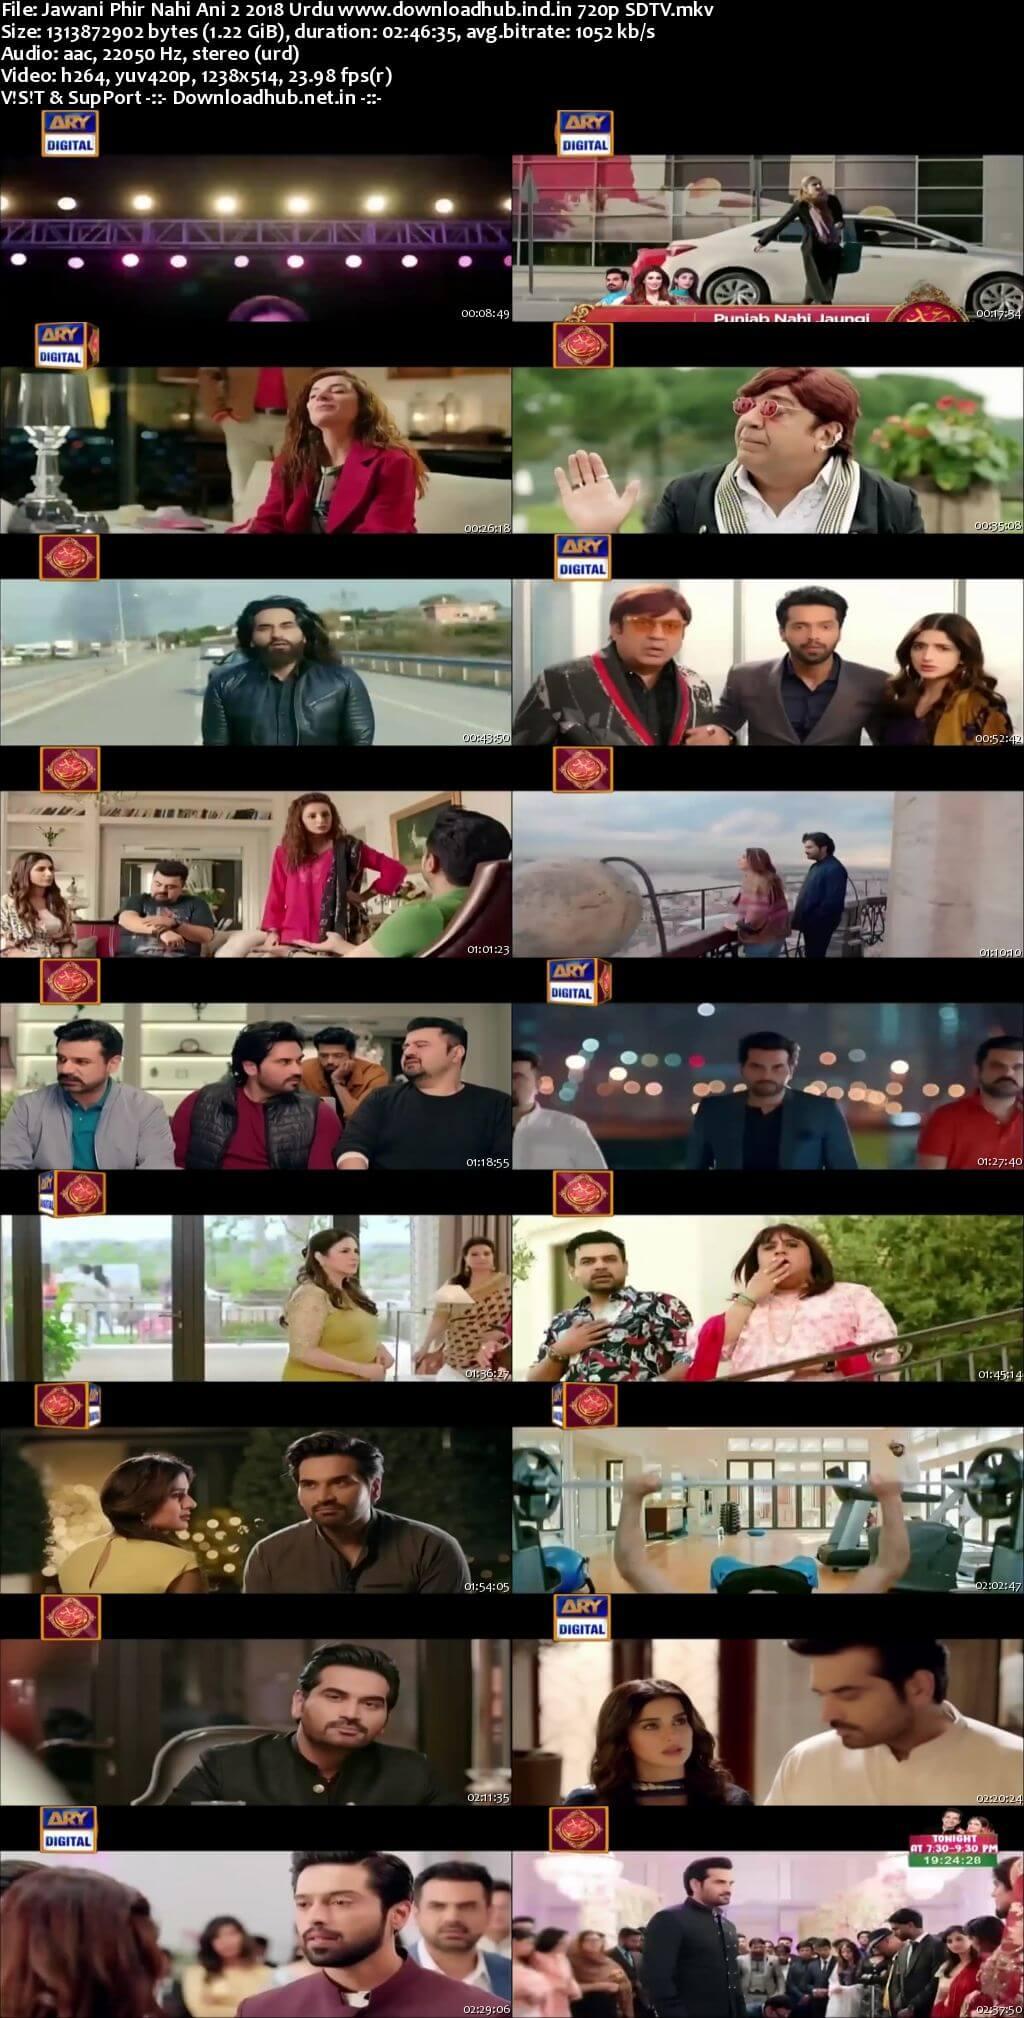 Jawani Phir Nahi Ani 2 2018 Urdu 720p HDTV x264